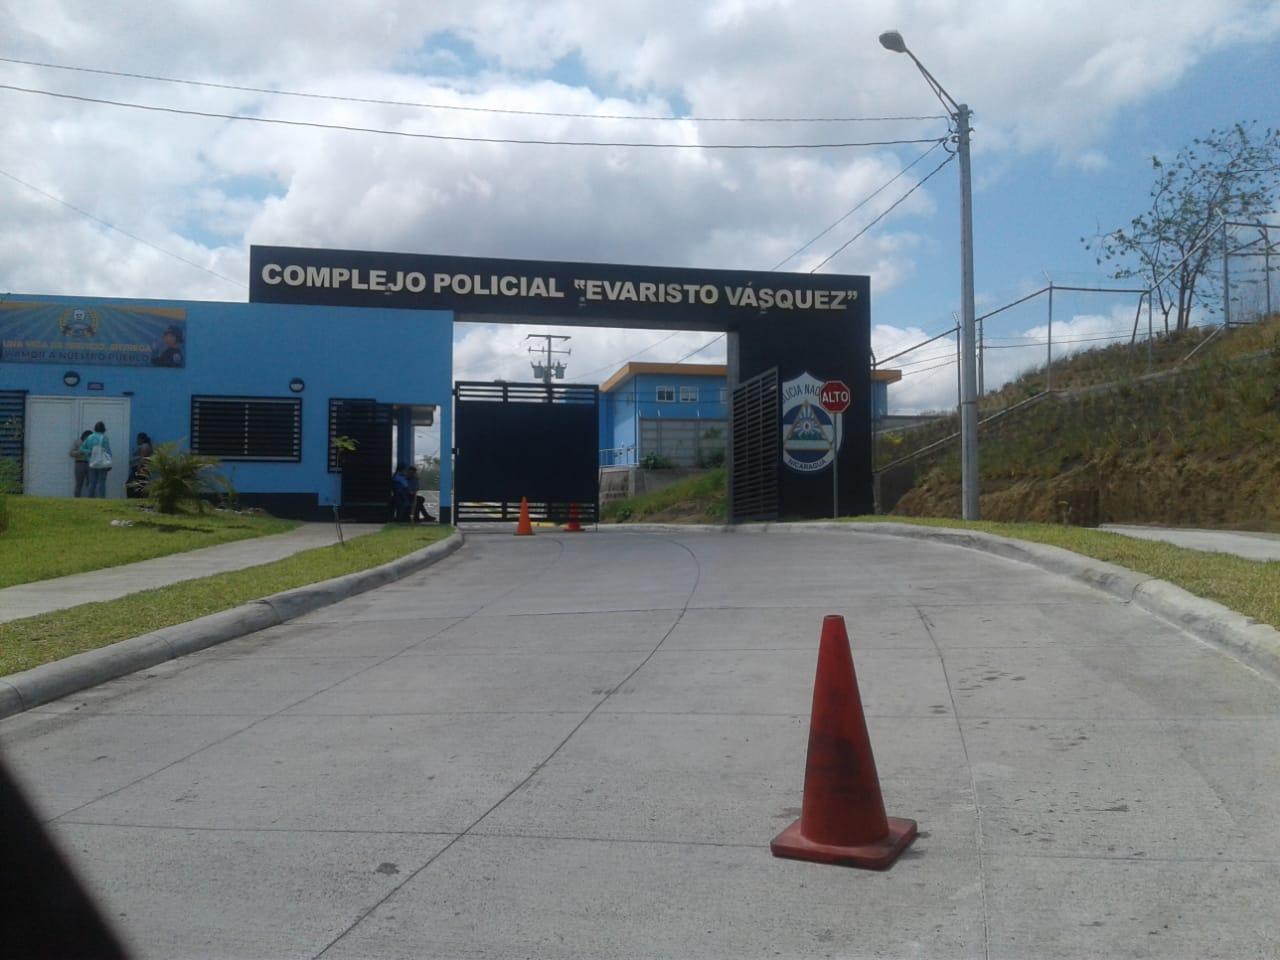 Dictadura traslada a presos políticos de El Chipote a La Modelo